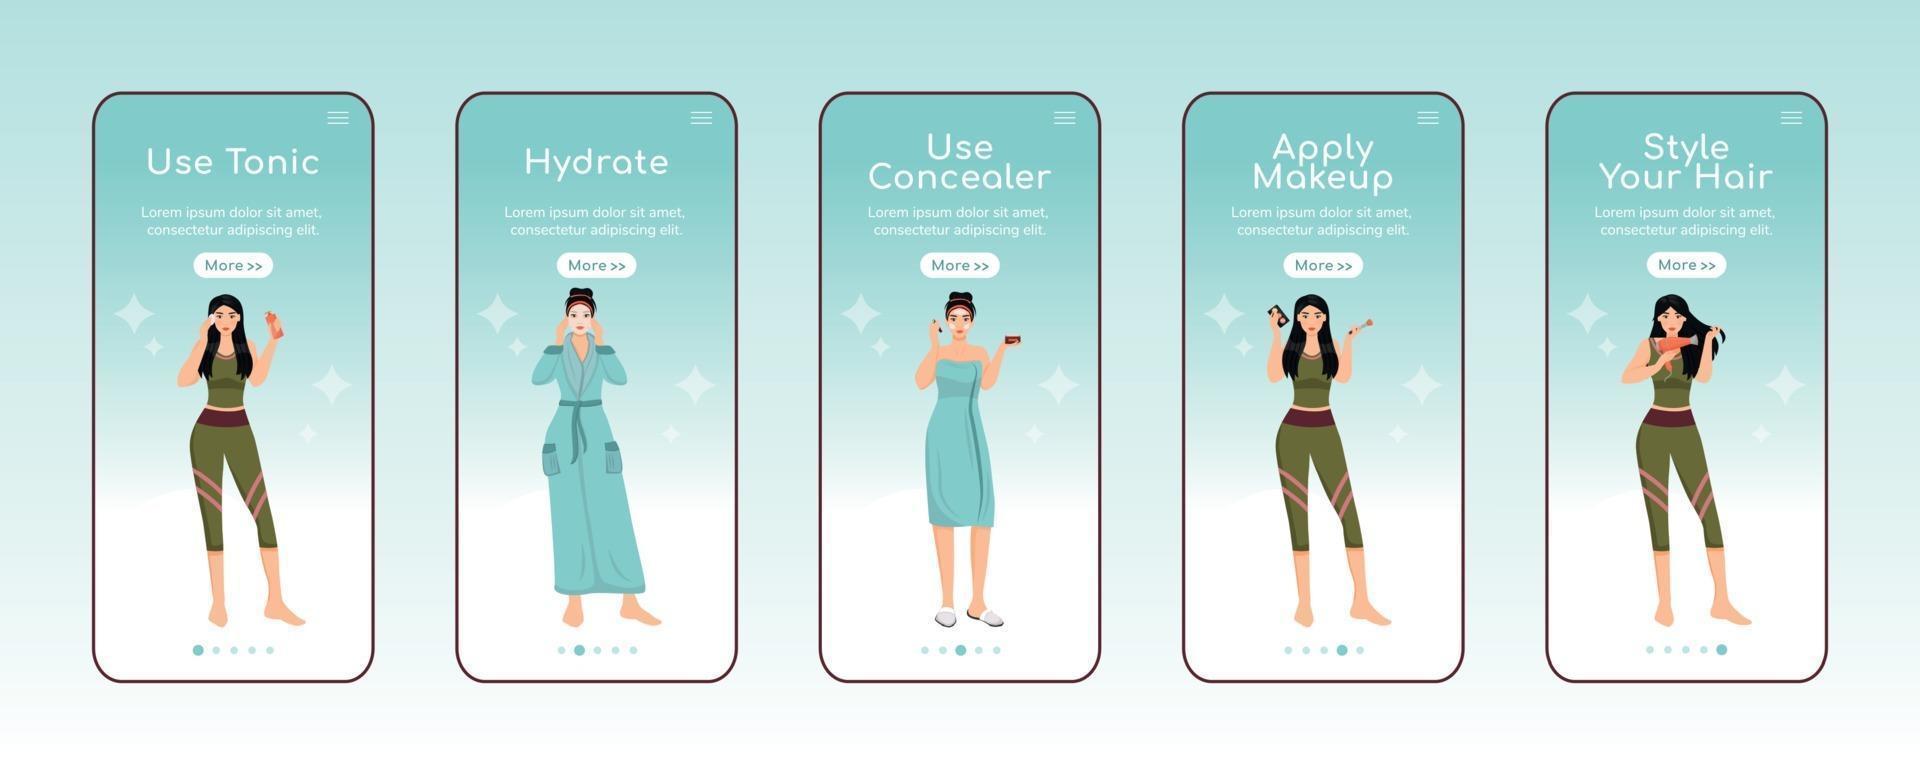 huidverzorging voedende stappen onboarding mobiele app-scherm platte vector sjabloon. toner gebruiken. walkthrough website stappen met karakters. ux, ui, gui smartphone cartoon-interface, set hoesjes